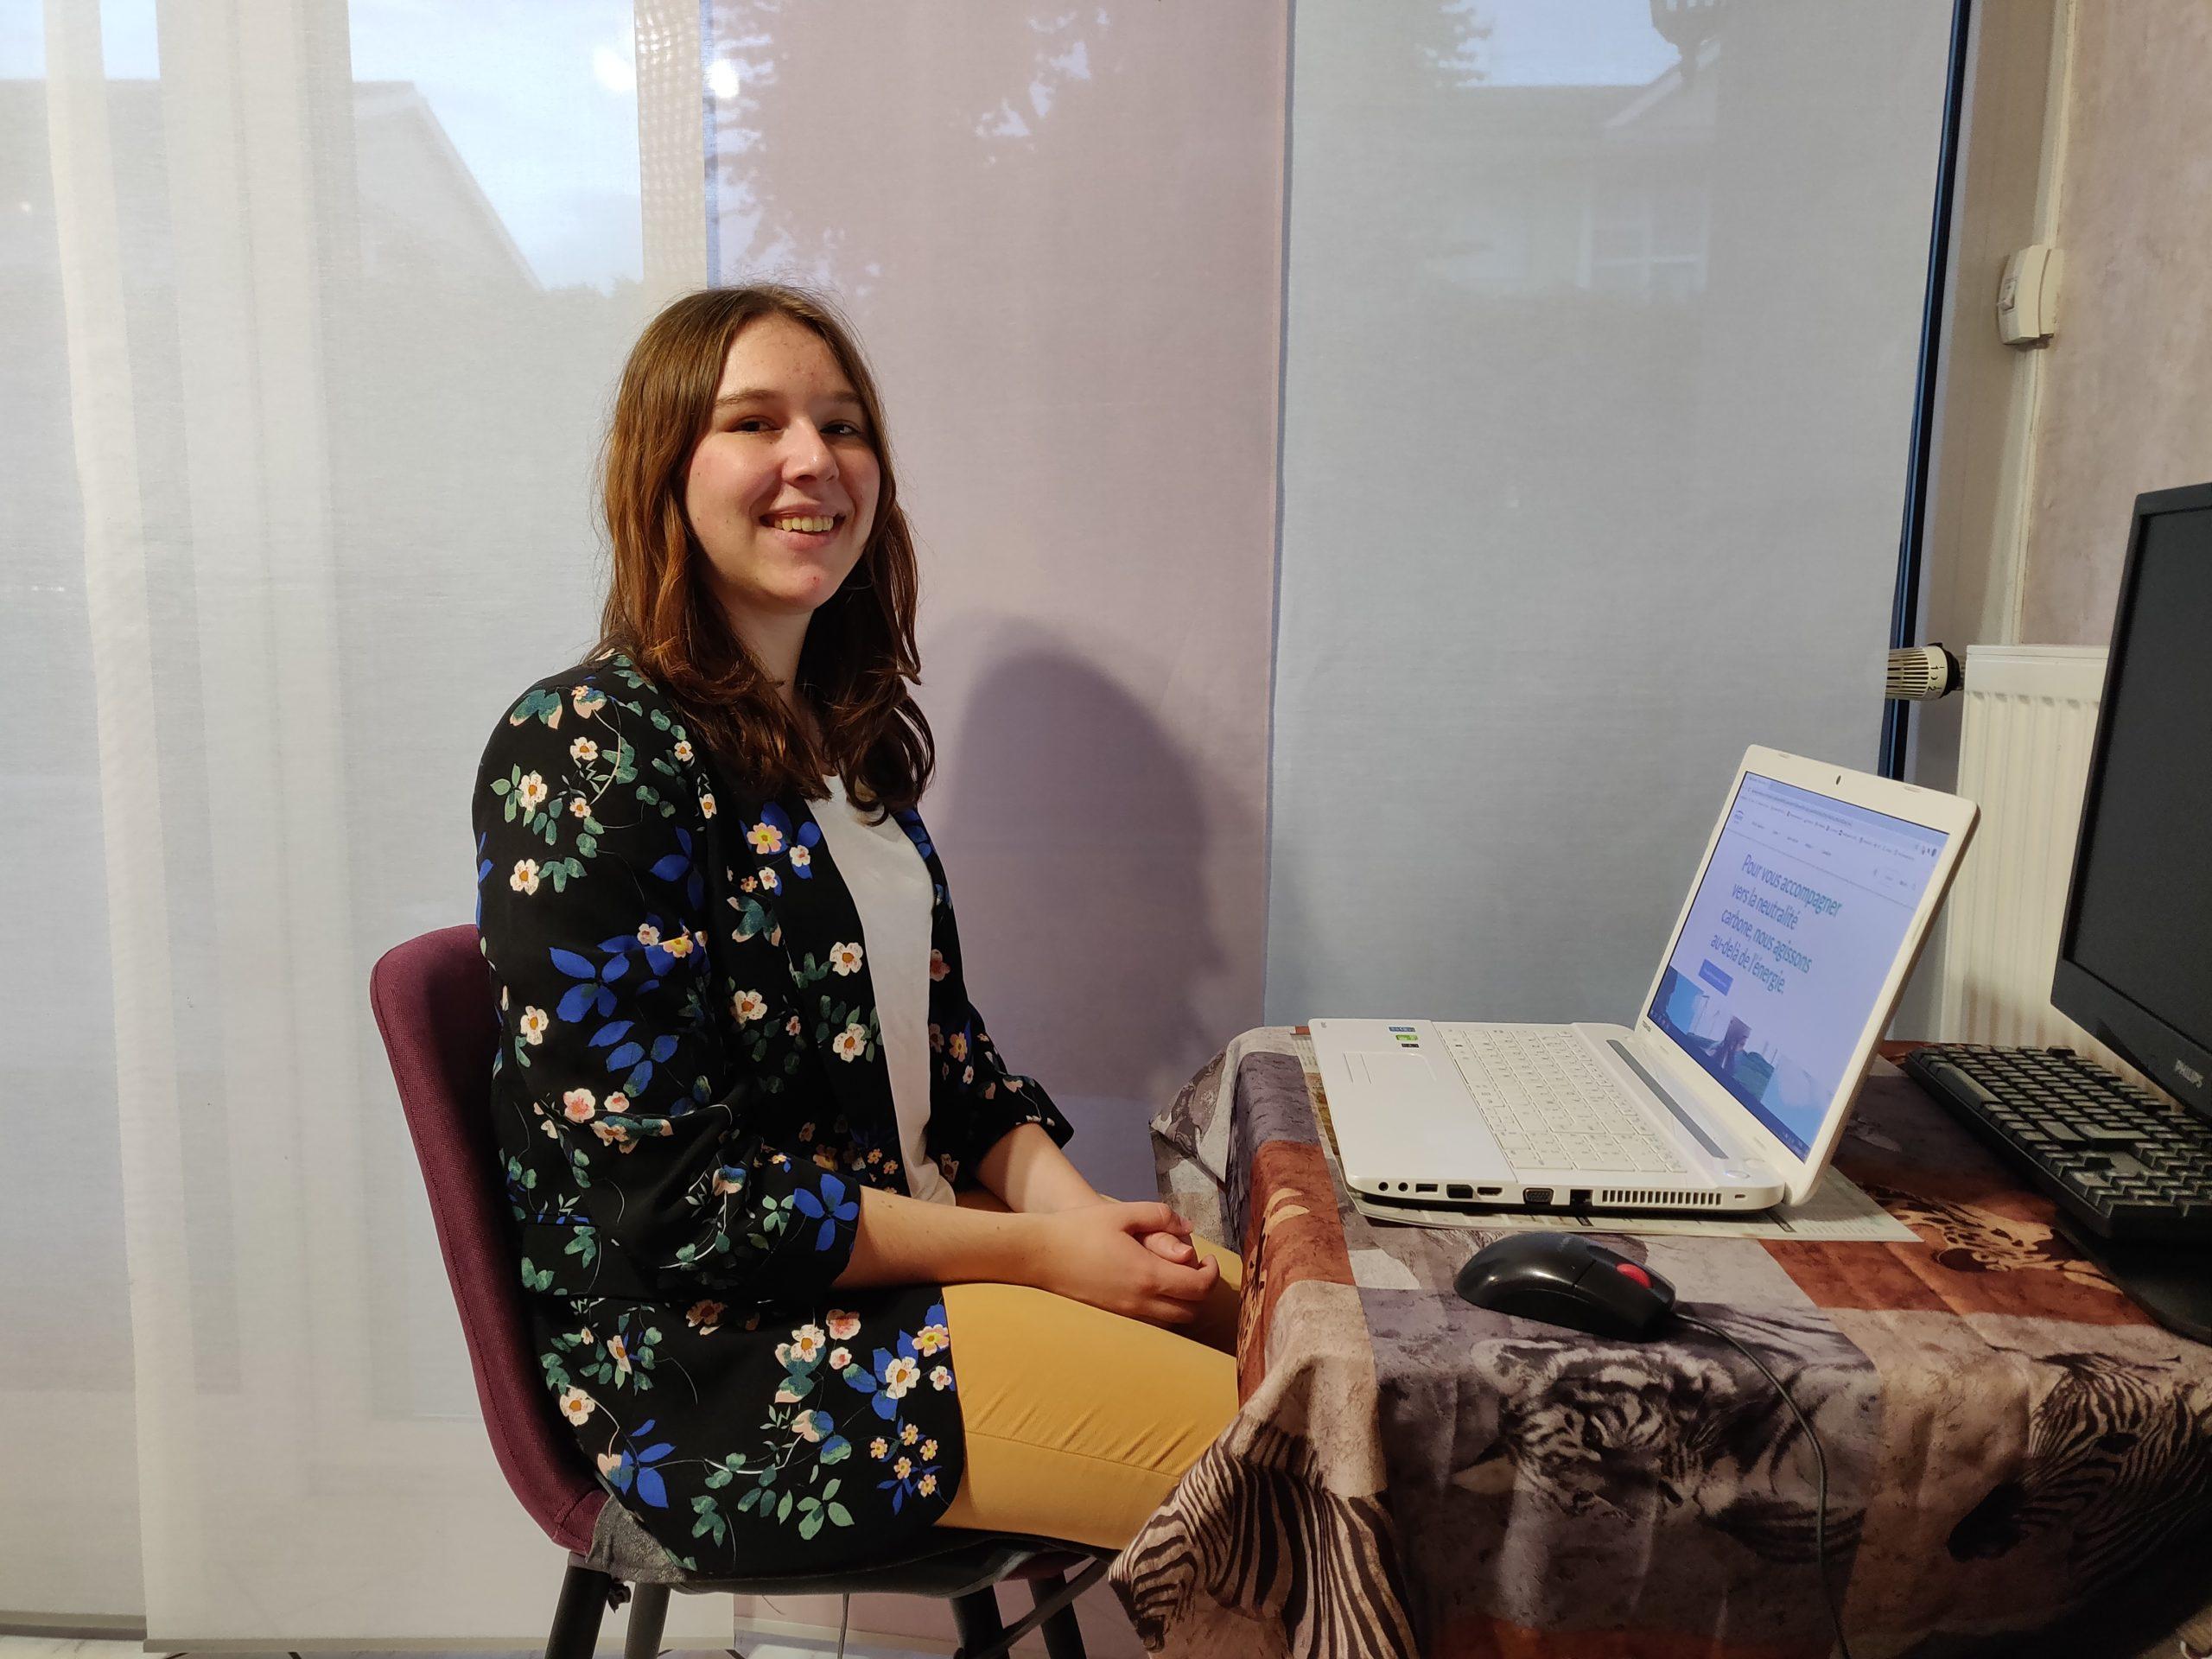 Adeline Matter, alternante chez Engie, en études d'ingénieur, parle de la féminisation en industrie.